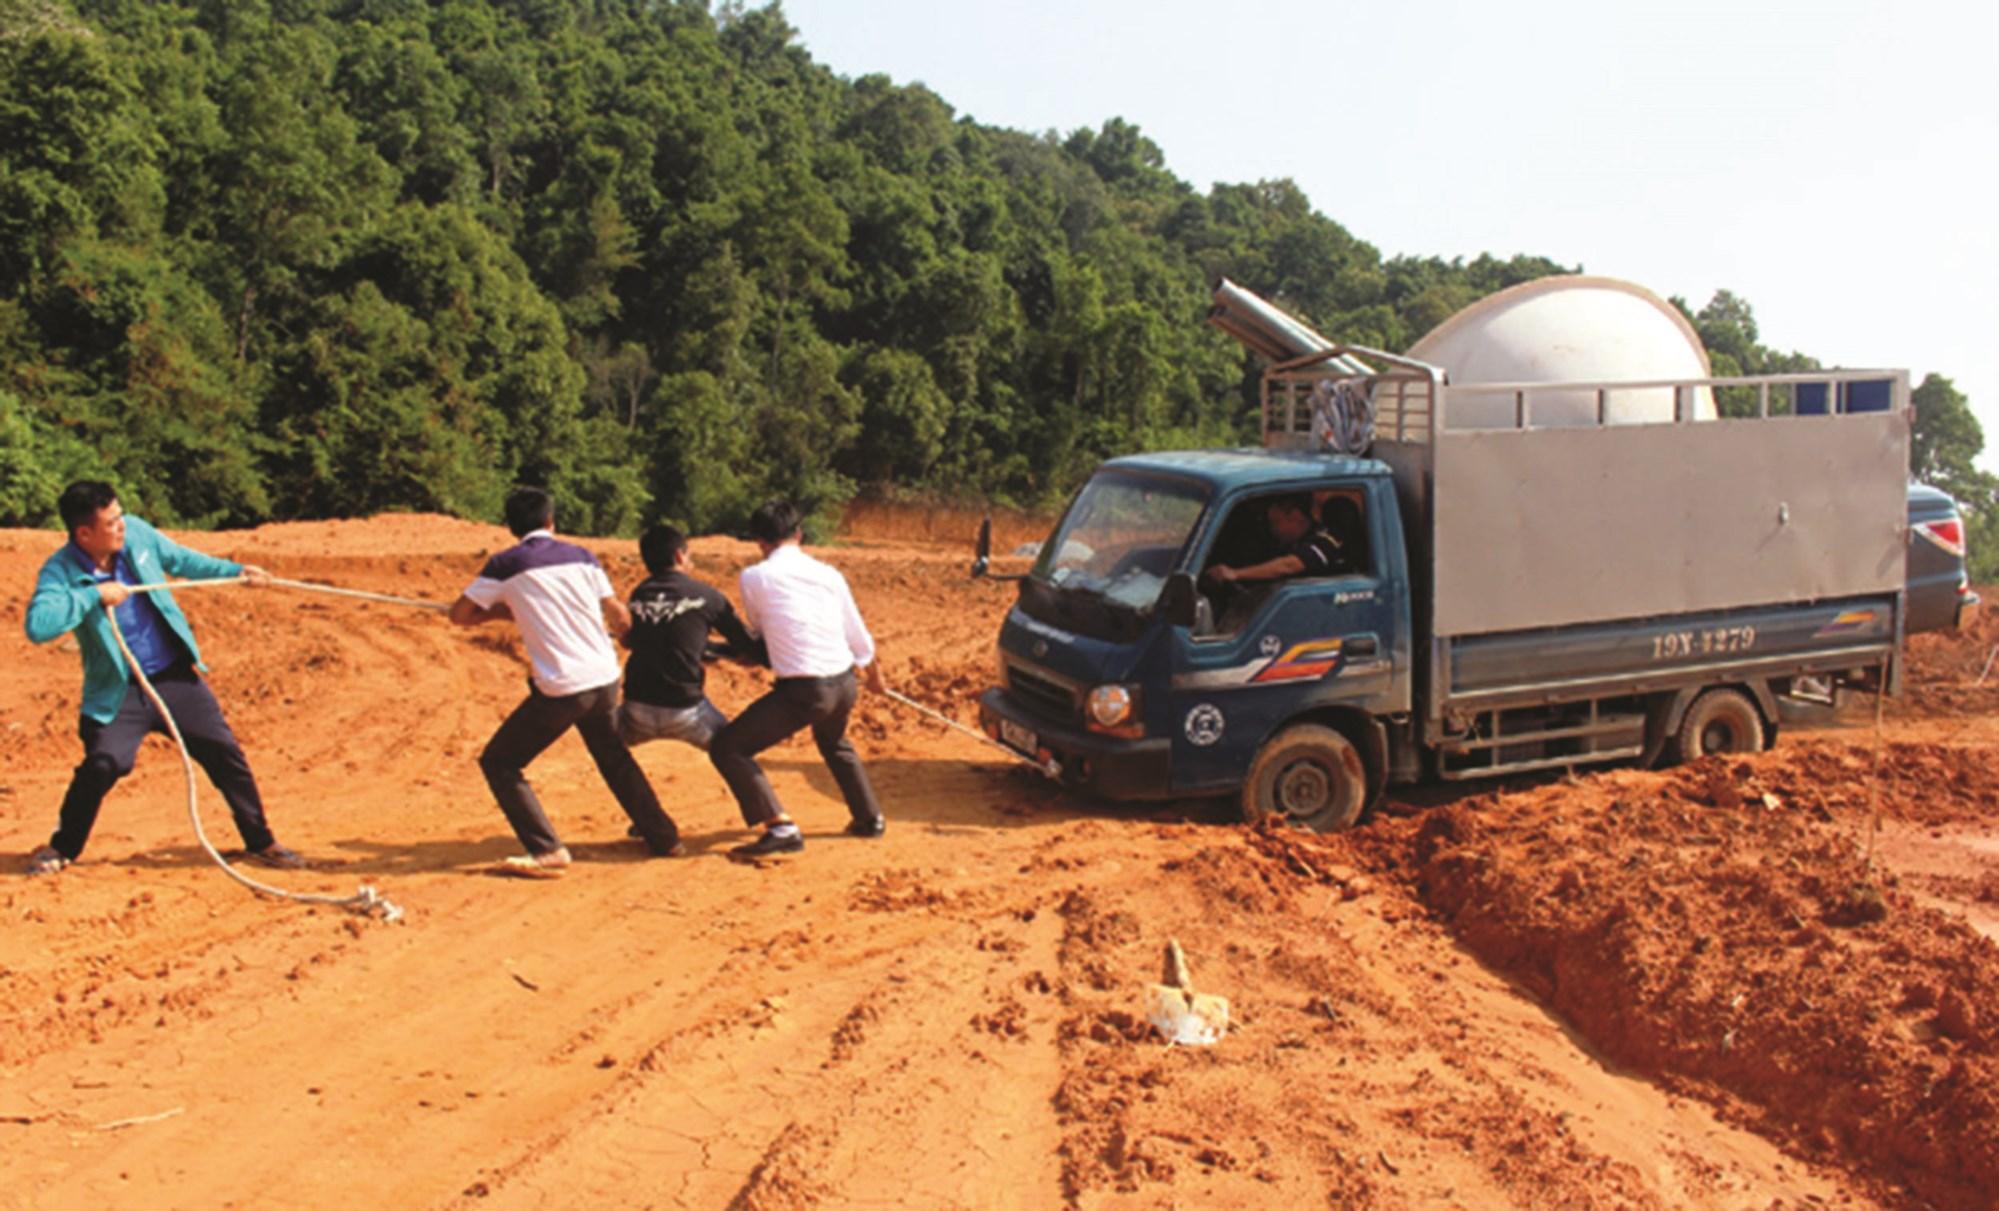 Tuyến đường giao thông Pá Vạt - Háng Lìa (huyện Điện Biên Đông) sau 12 năm khởi công vẫn còn dang dở. (Ảnh tư liệu)